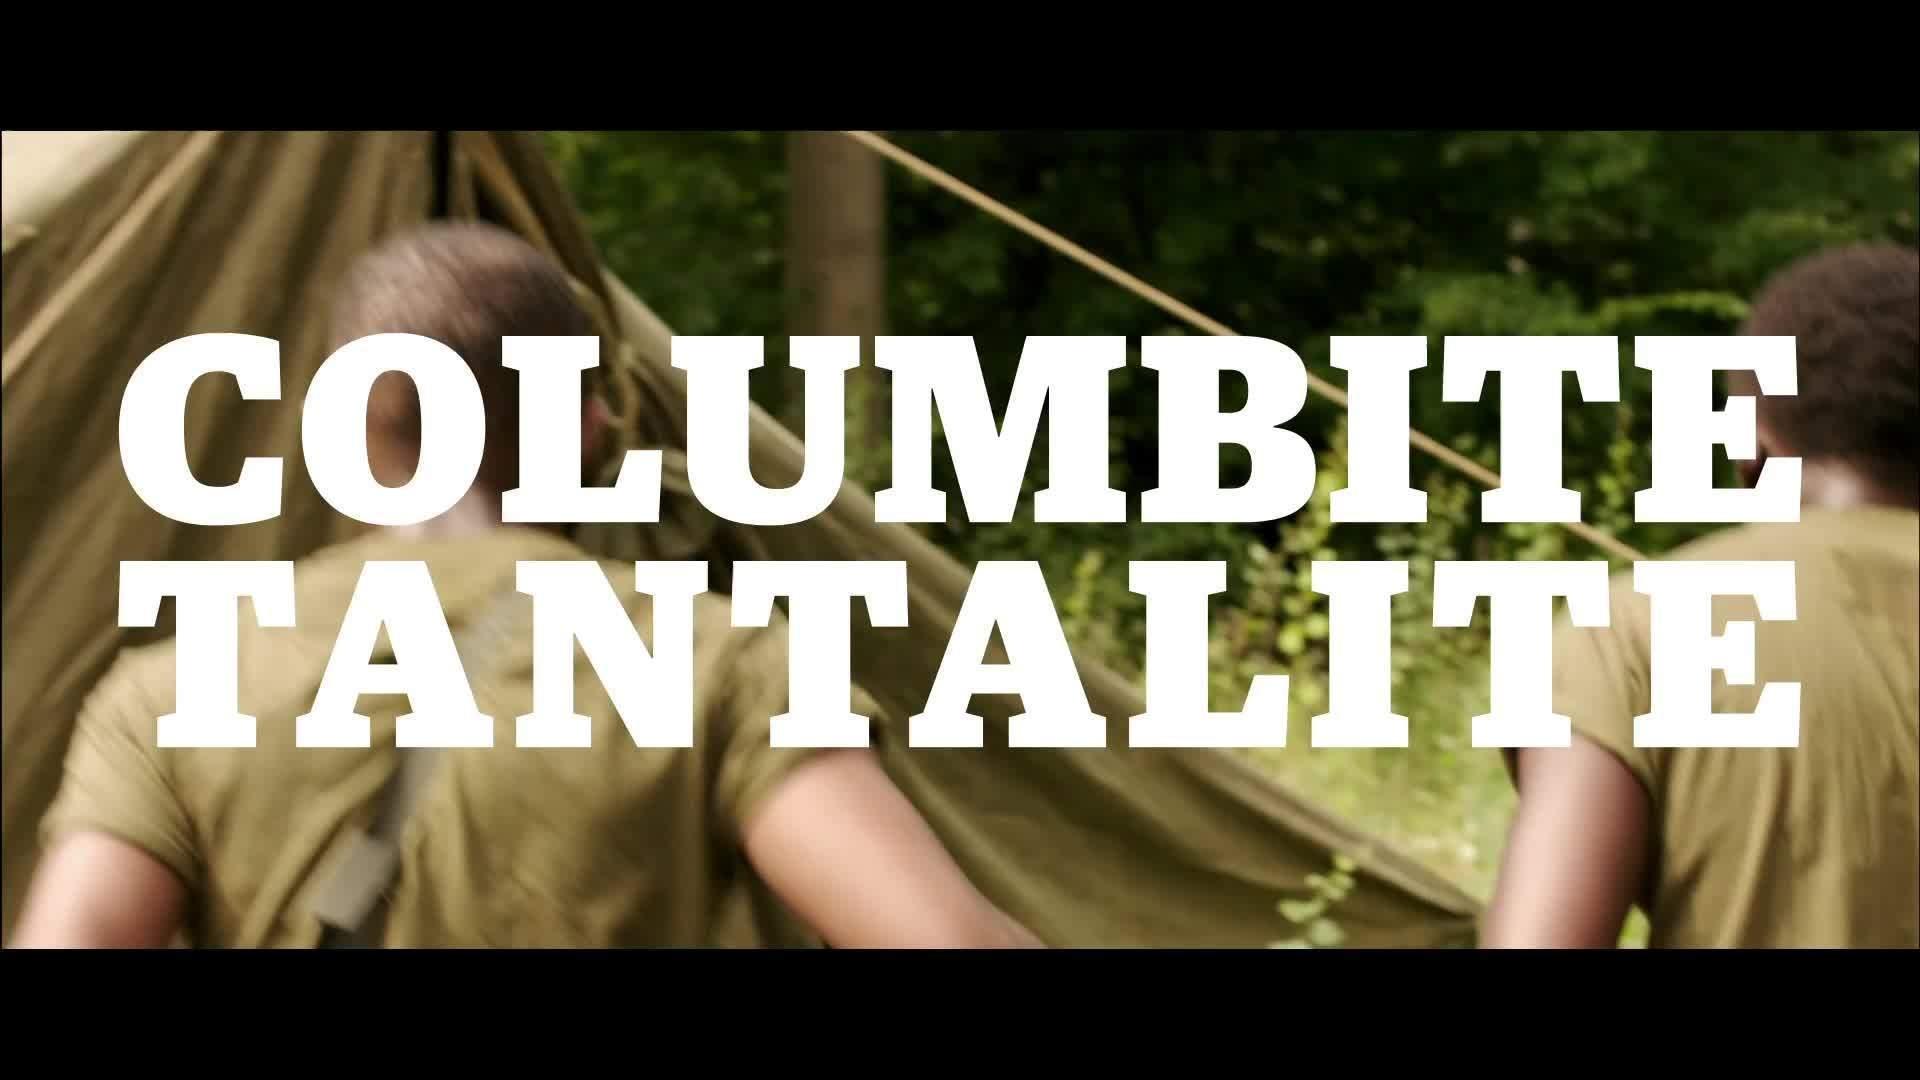 2014 Webby Winner - Columbite Tantalite: a short film by Chiwetel Ejiofor